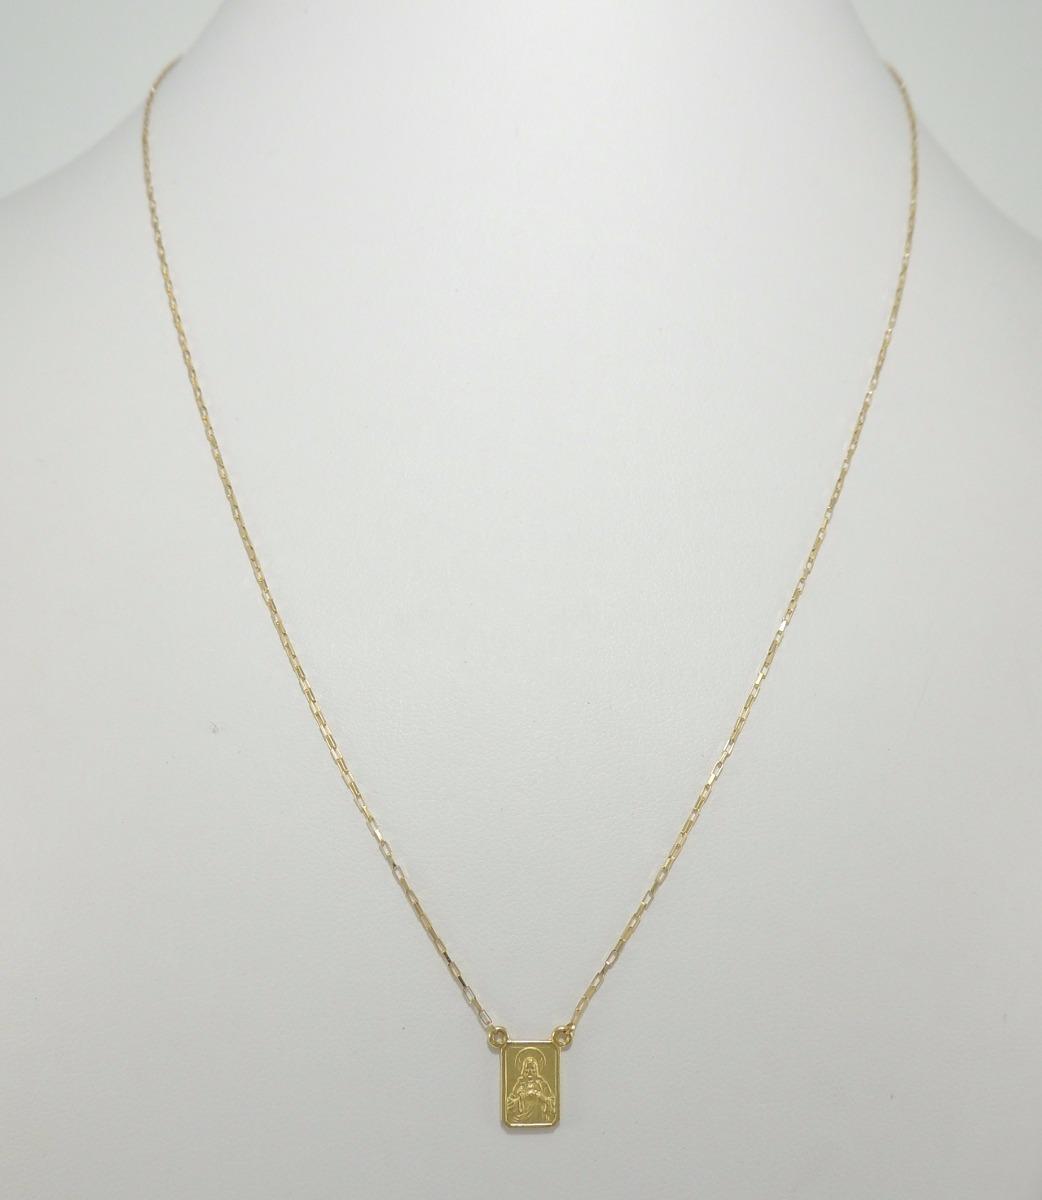 dff1d3c062169 escapulário 70cm ouro 18k cordão cartier medalhas dupla face. Carregando  zoom.